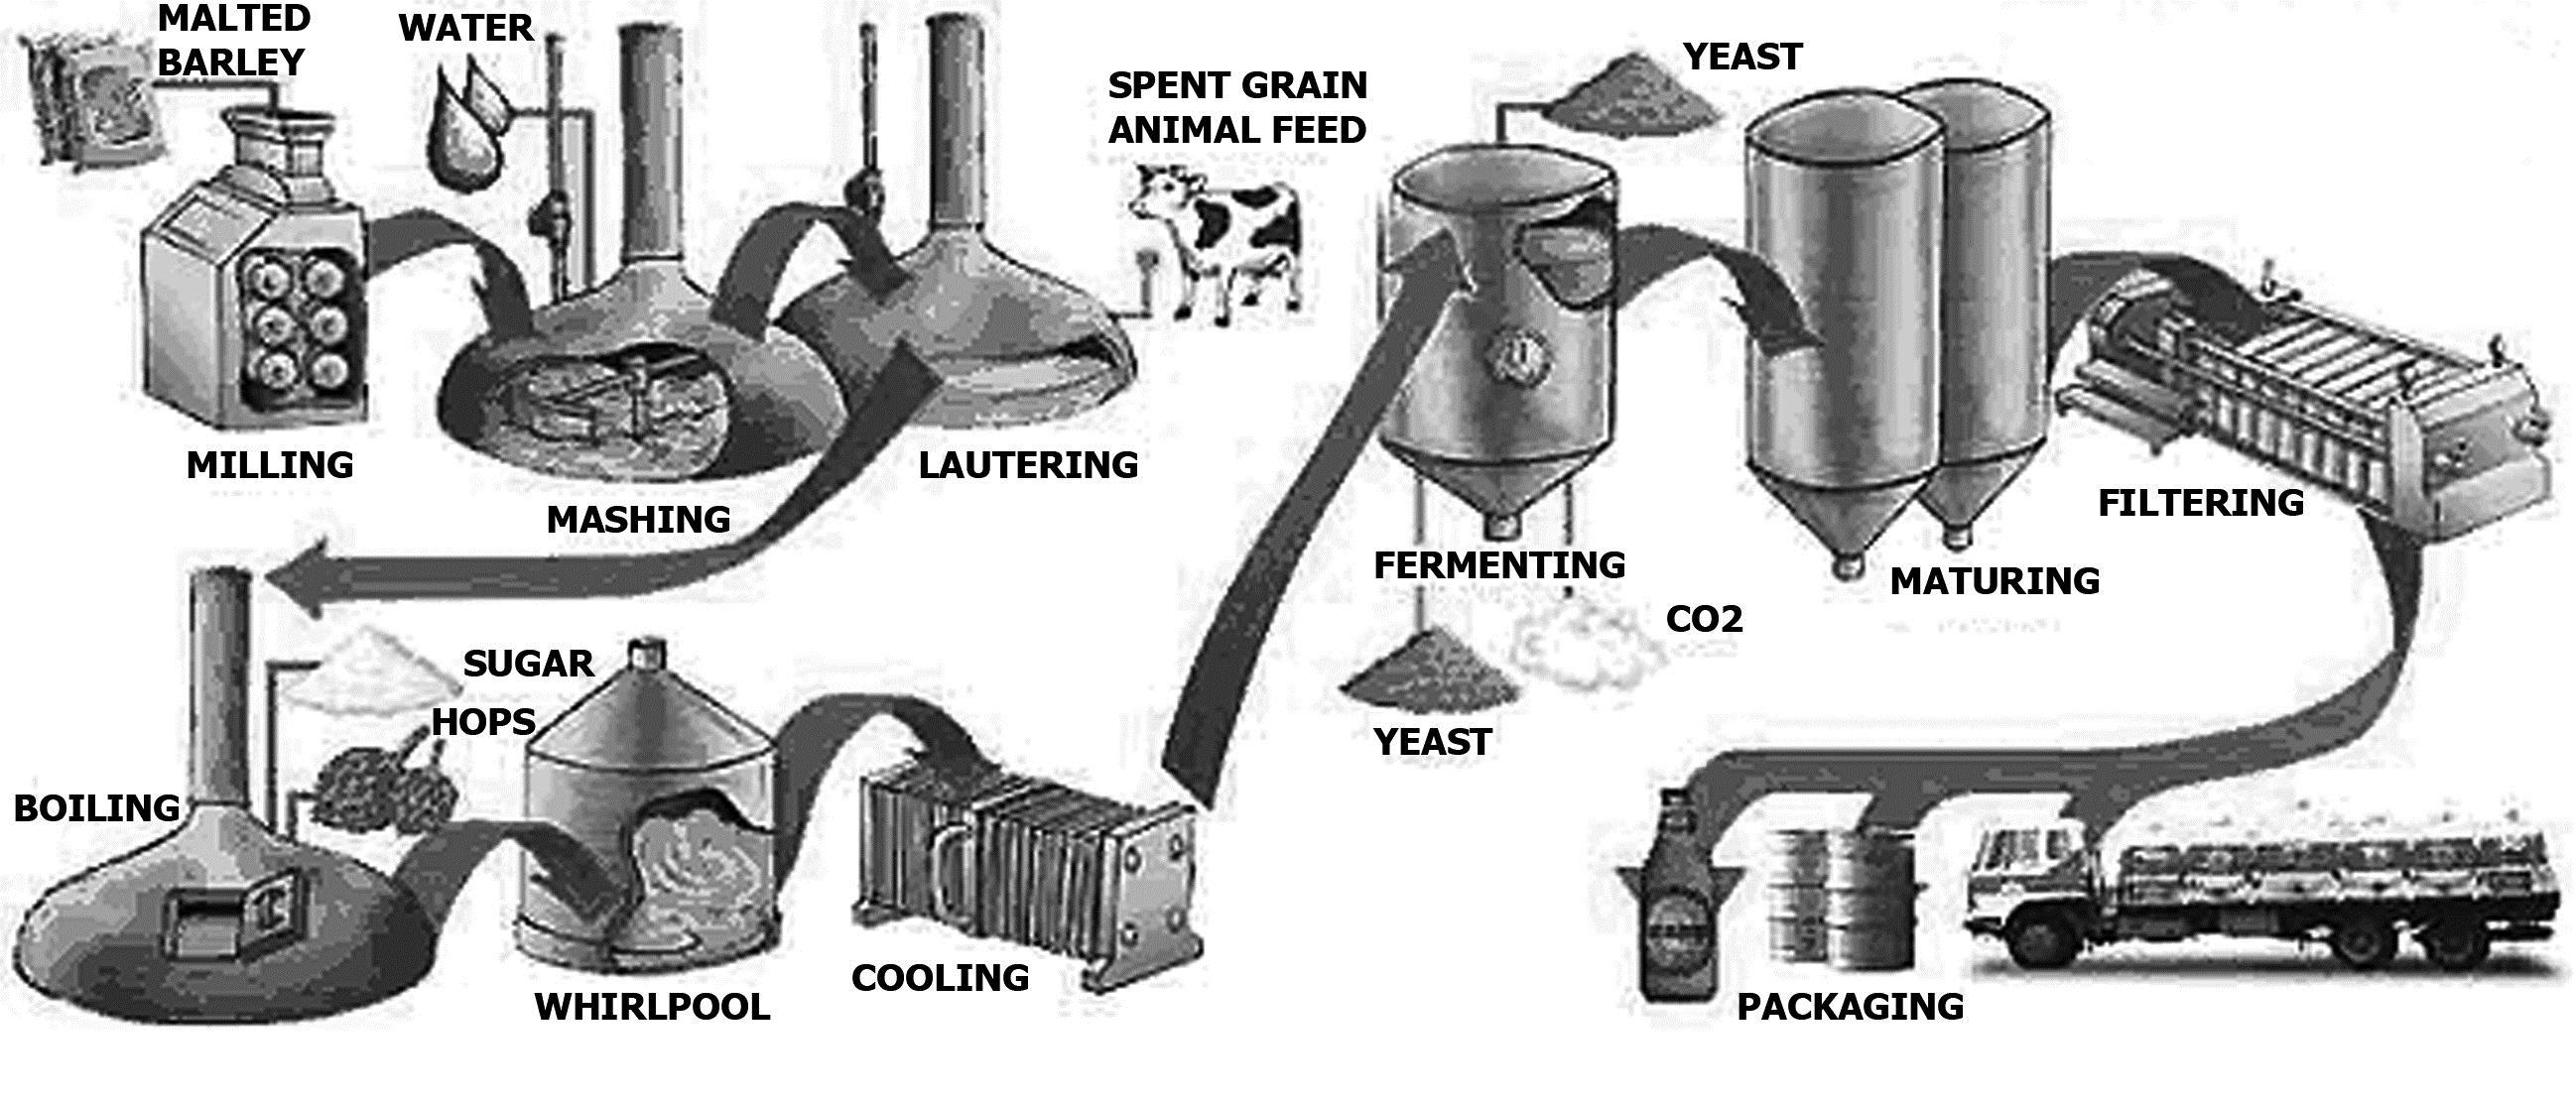 process flow diagram of beer